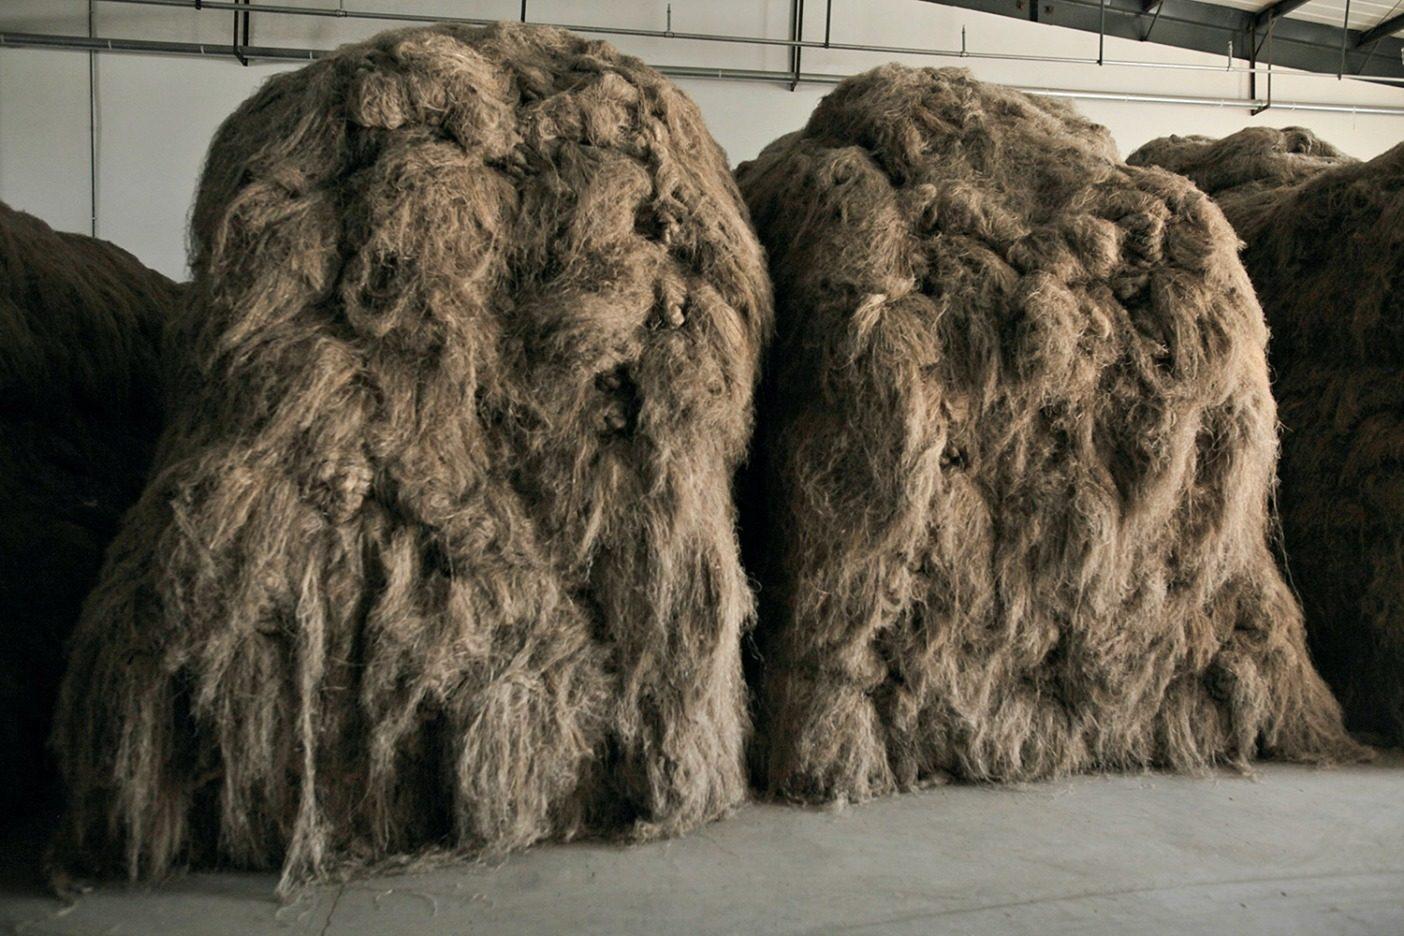 外側の繊維を剥がしていくと、髪の毛のような繊維になる。農家の人たちが繊維を辺りに放り投げて、中央で束ねてウィッグのような束を作る。そして、各束の結び目を掴んで持ち上げ、投げながら積み重ねていく。この時点で、繊維は剛毛な馬の毛のような感触になる。 Photo: Lloyd Belcher